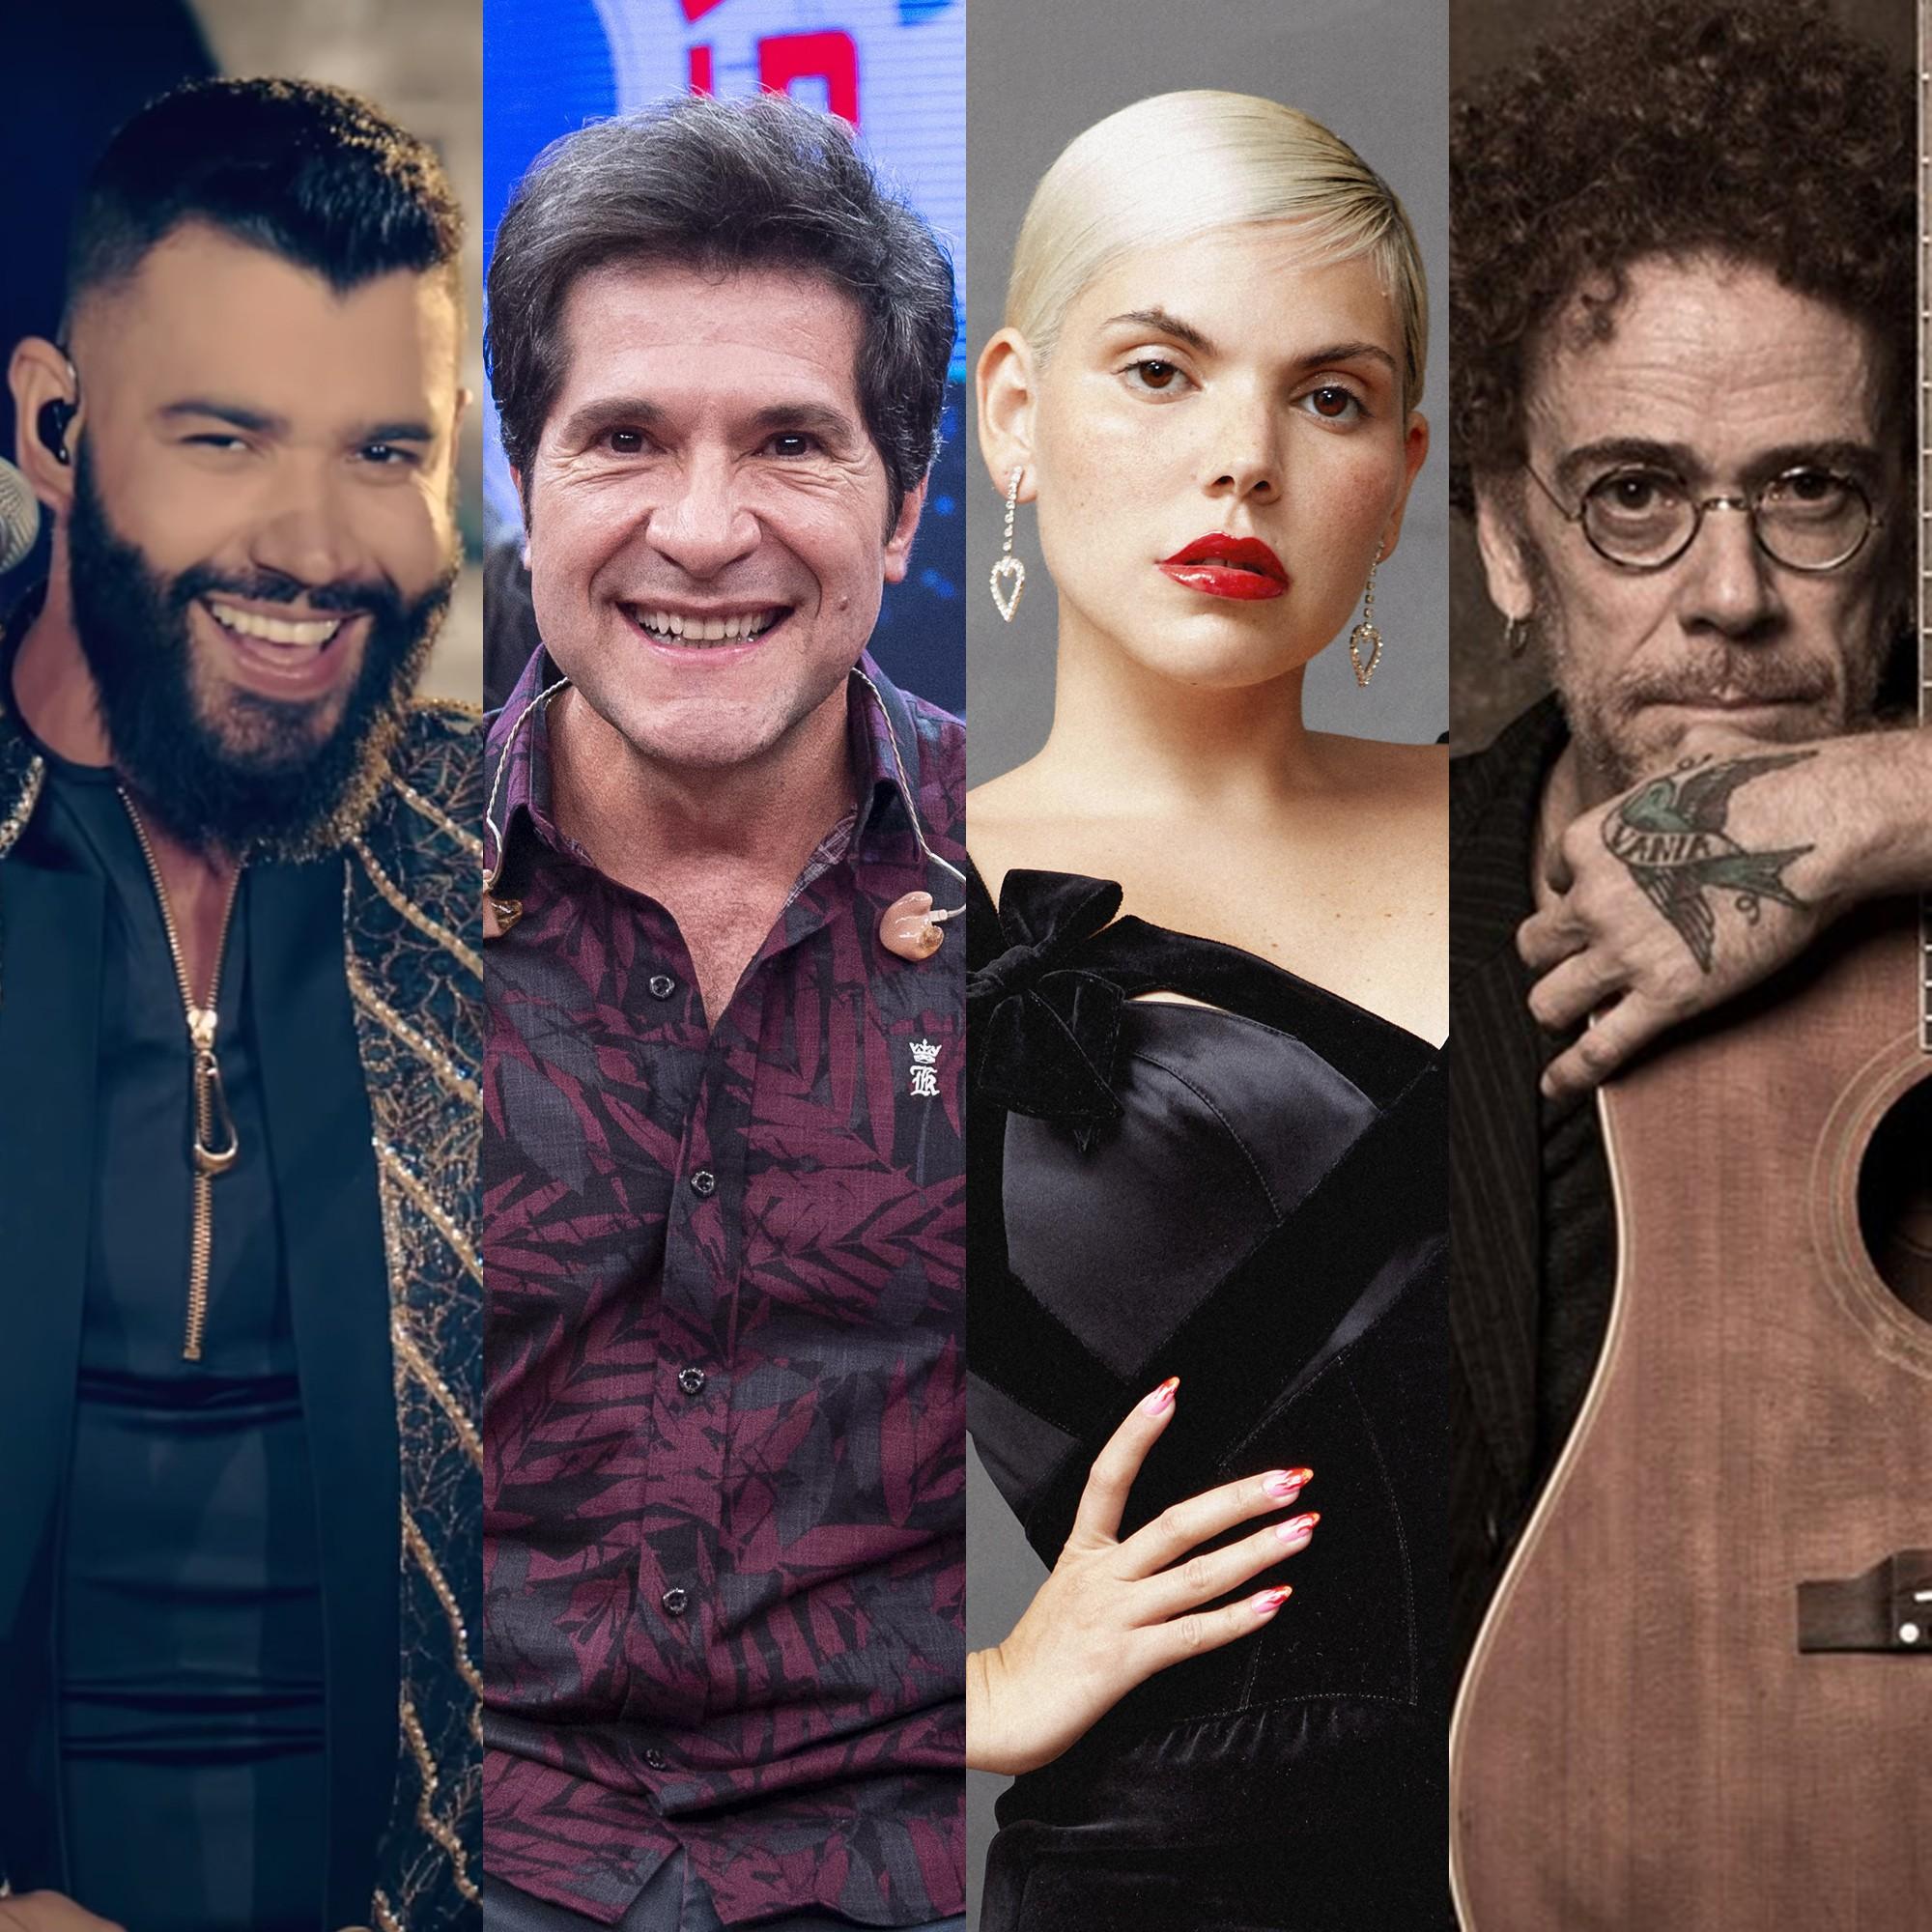 Lives de hoje: Gusttavo Lima e Daniel, Duda Beat, Nando Reis e mais shows para ver em casa